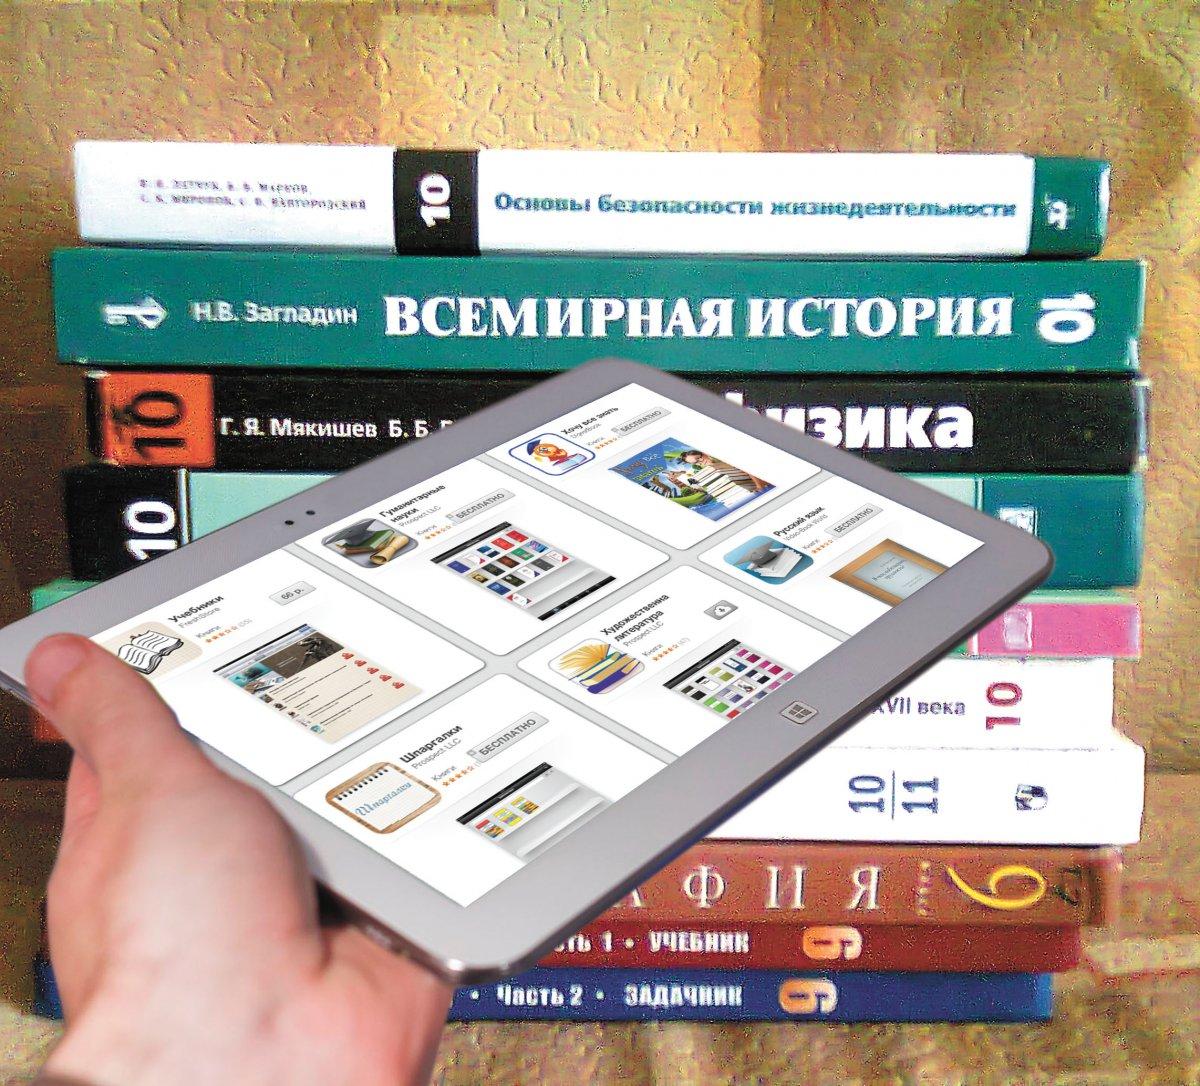 Скачать Школьные Учебники На Электронную Книгу Бесплатно